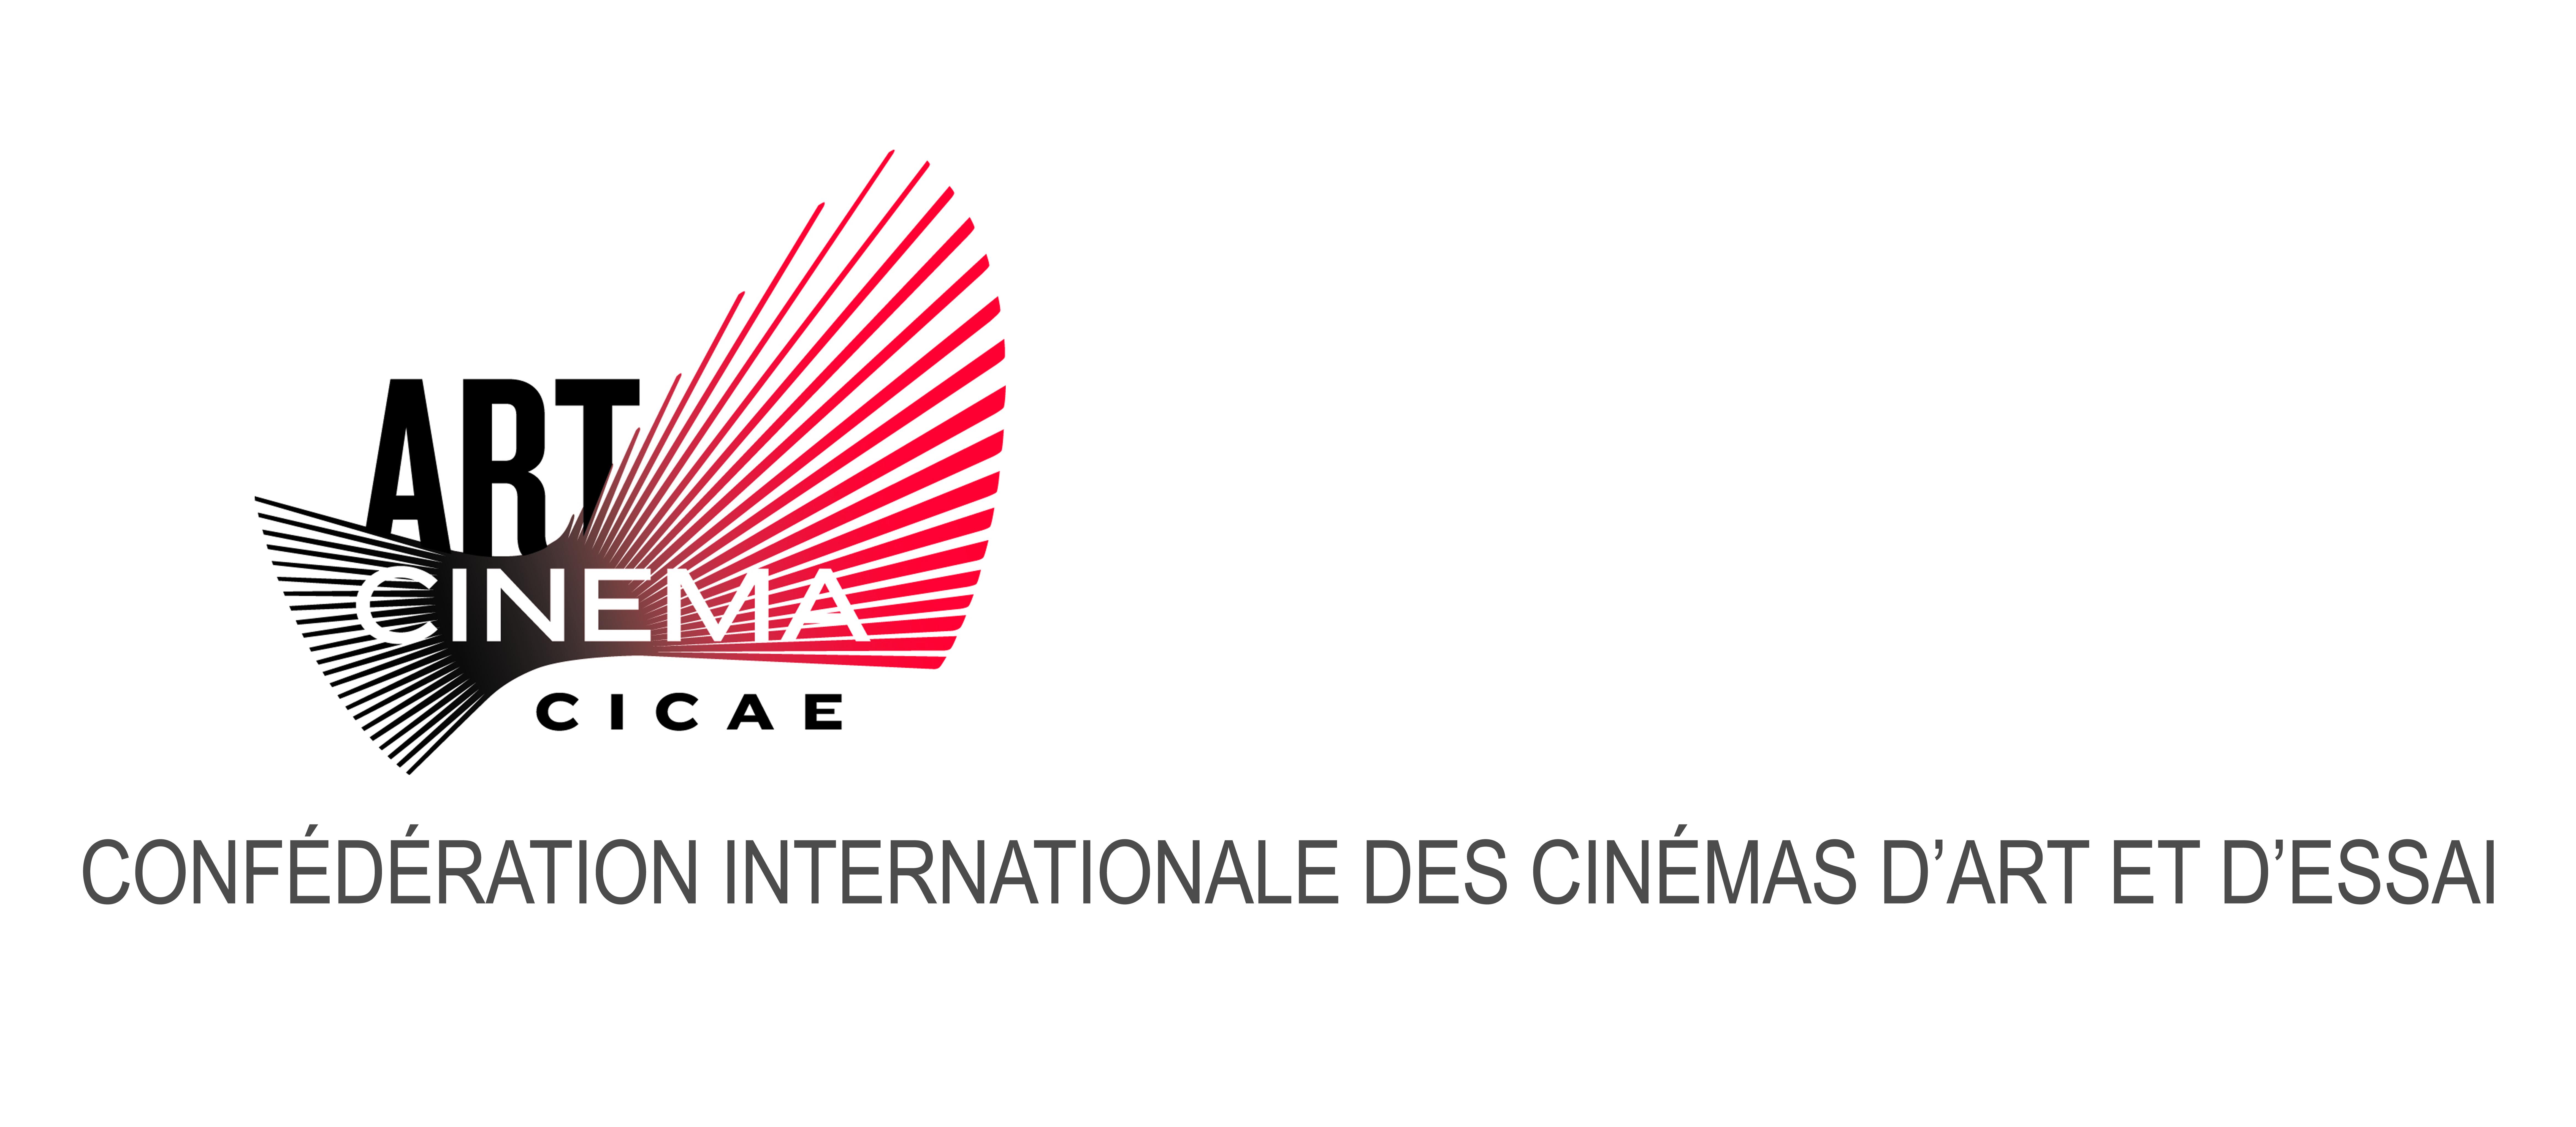 logo for International Confederation of Art Cinemas